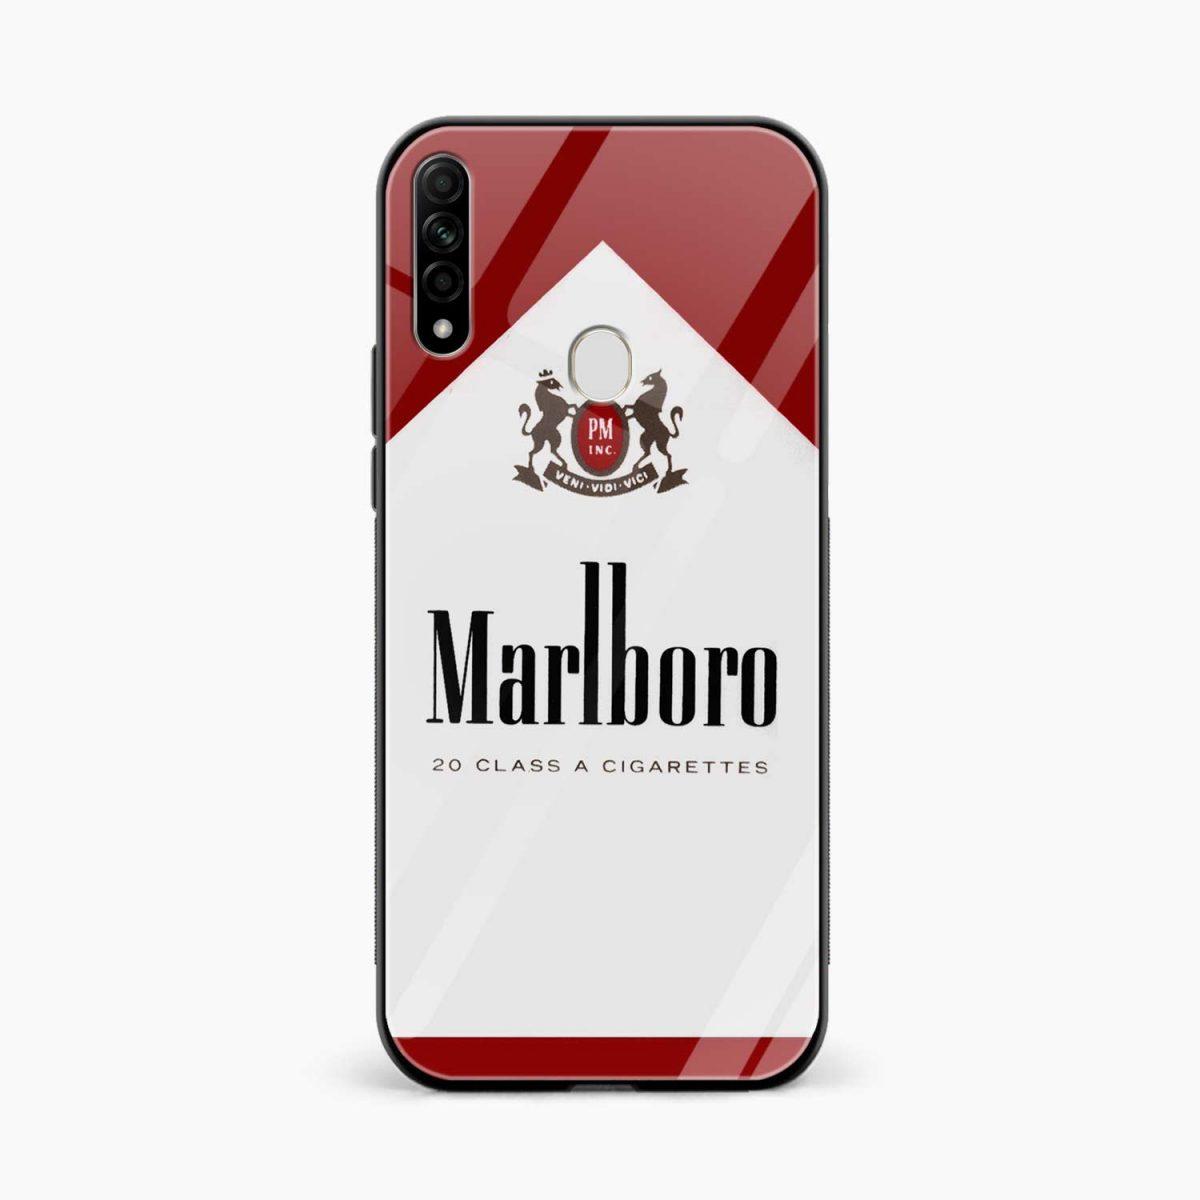 marlboro cigarette box front view oppo a31 back cover